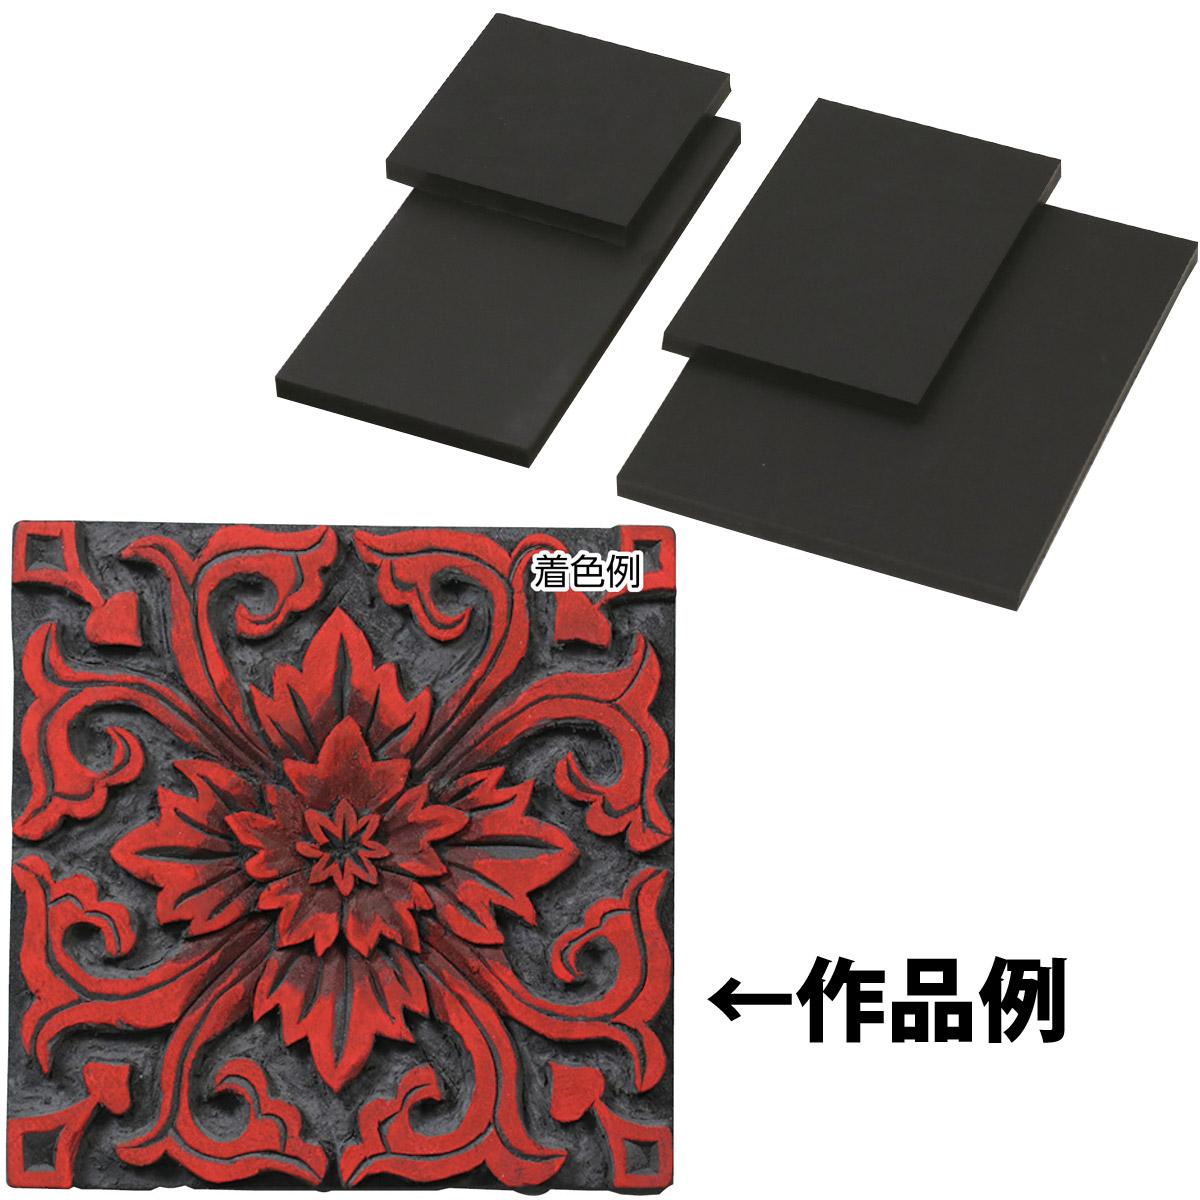 黒彫板 表札 美術 画材 工作 彫刻 図工 手作り クリスマスプレゼント